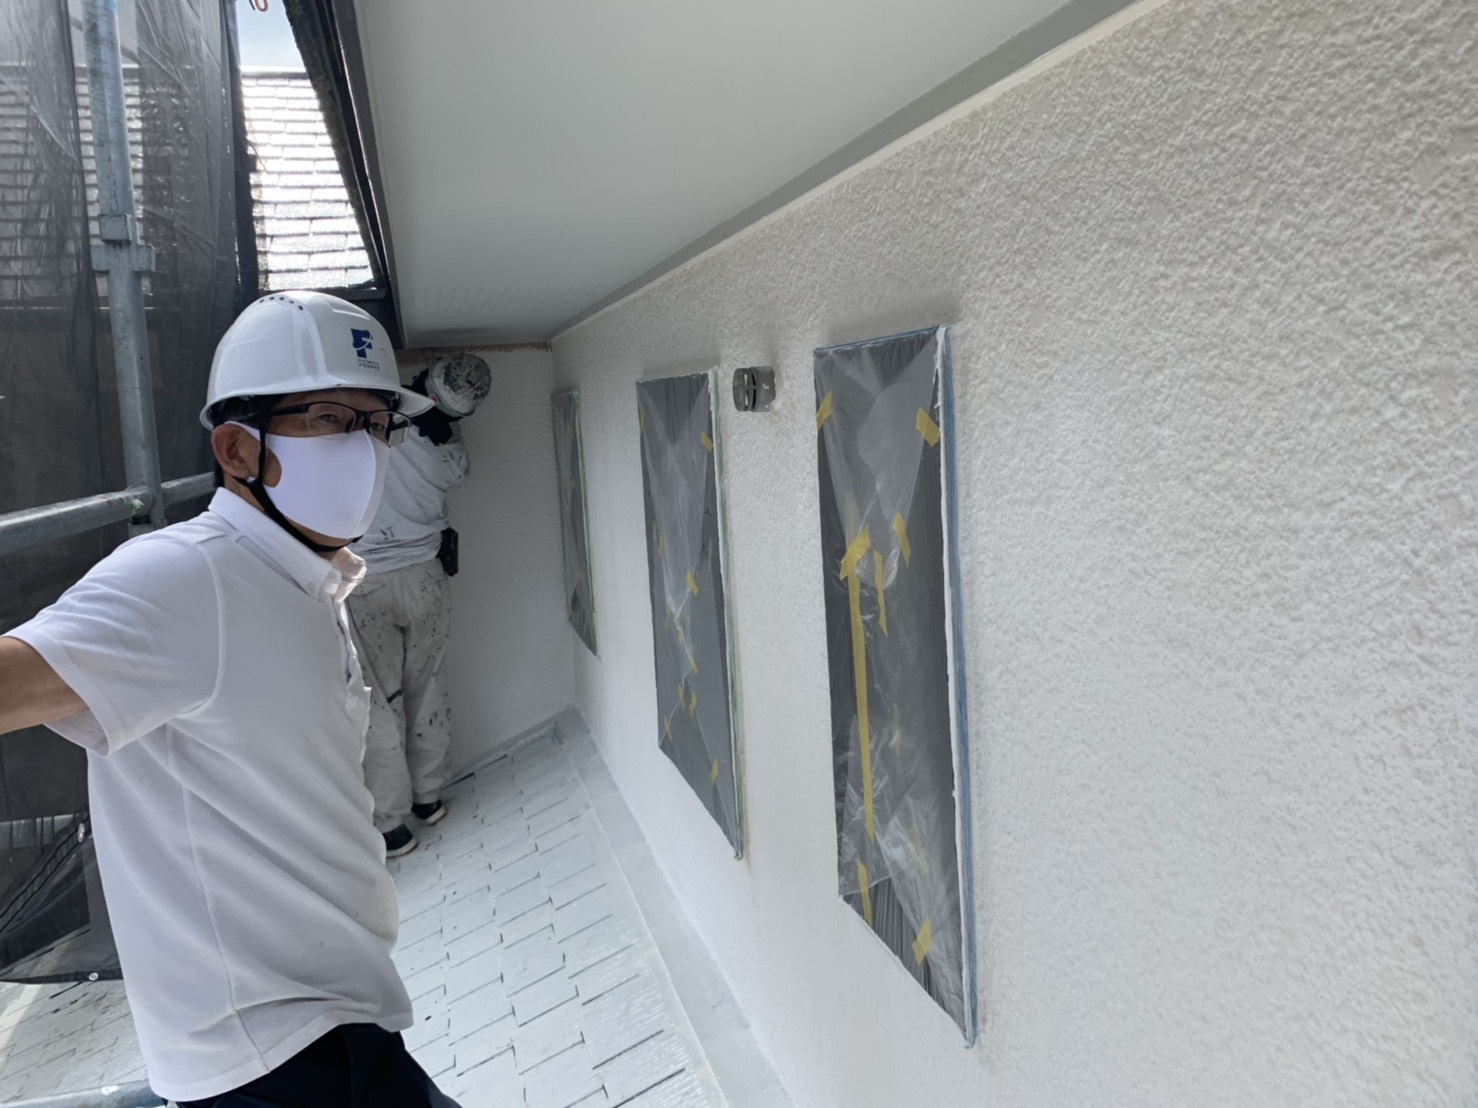 宗像市泉ヶ丘M様邸施工7日目中間検査屋根上塗り外壁中塗り作業